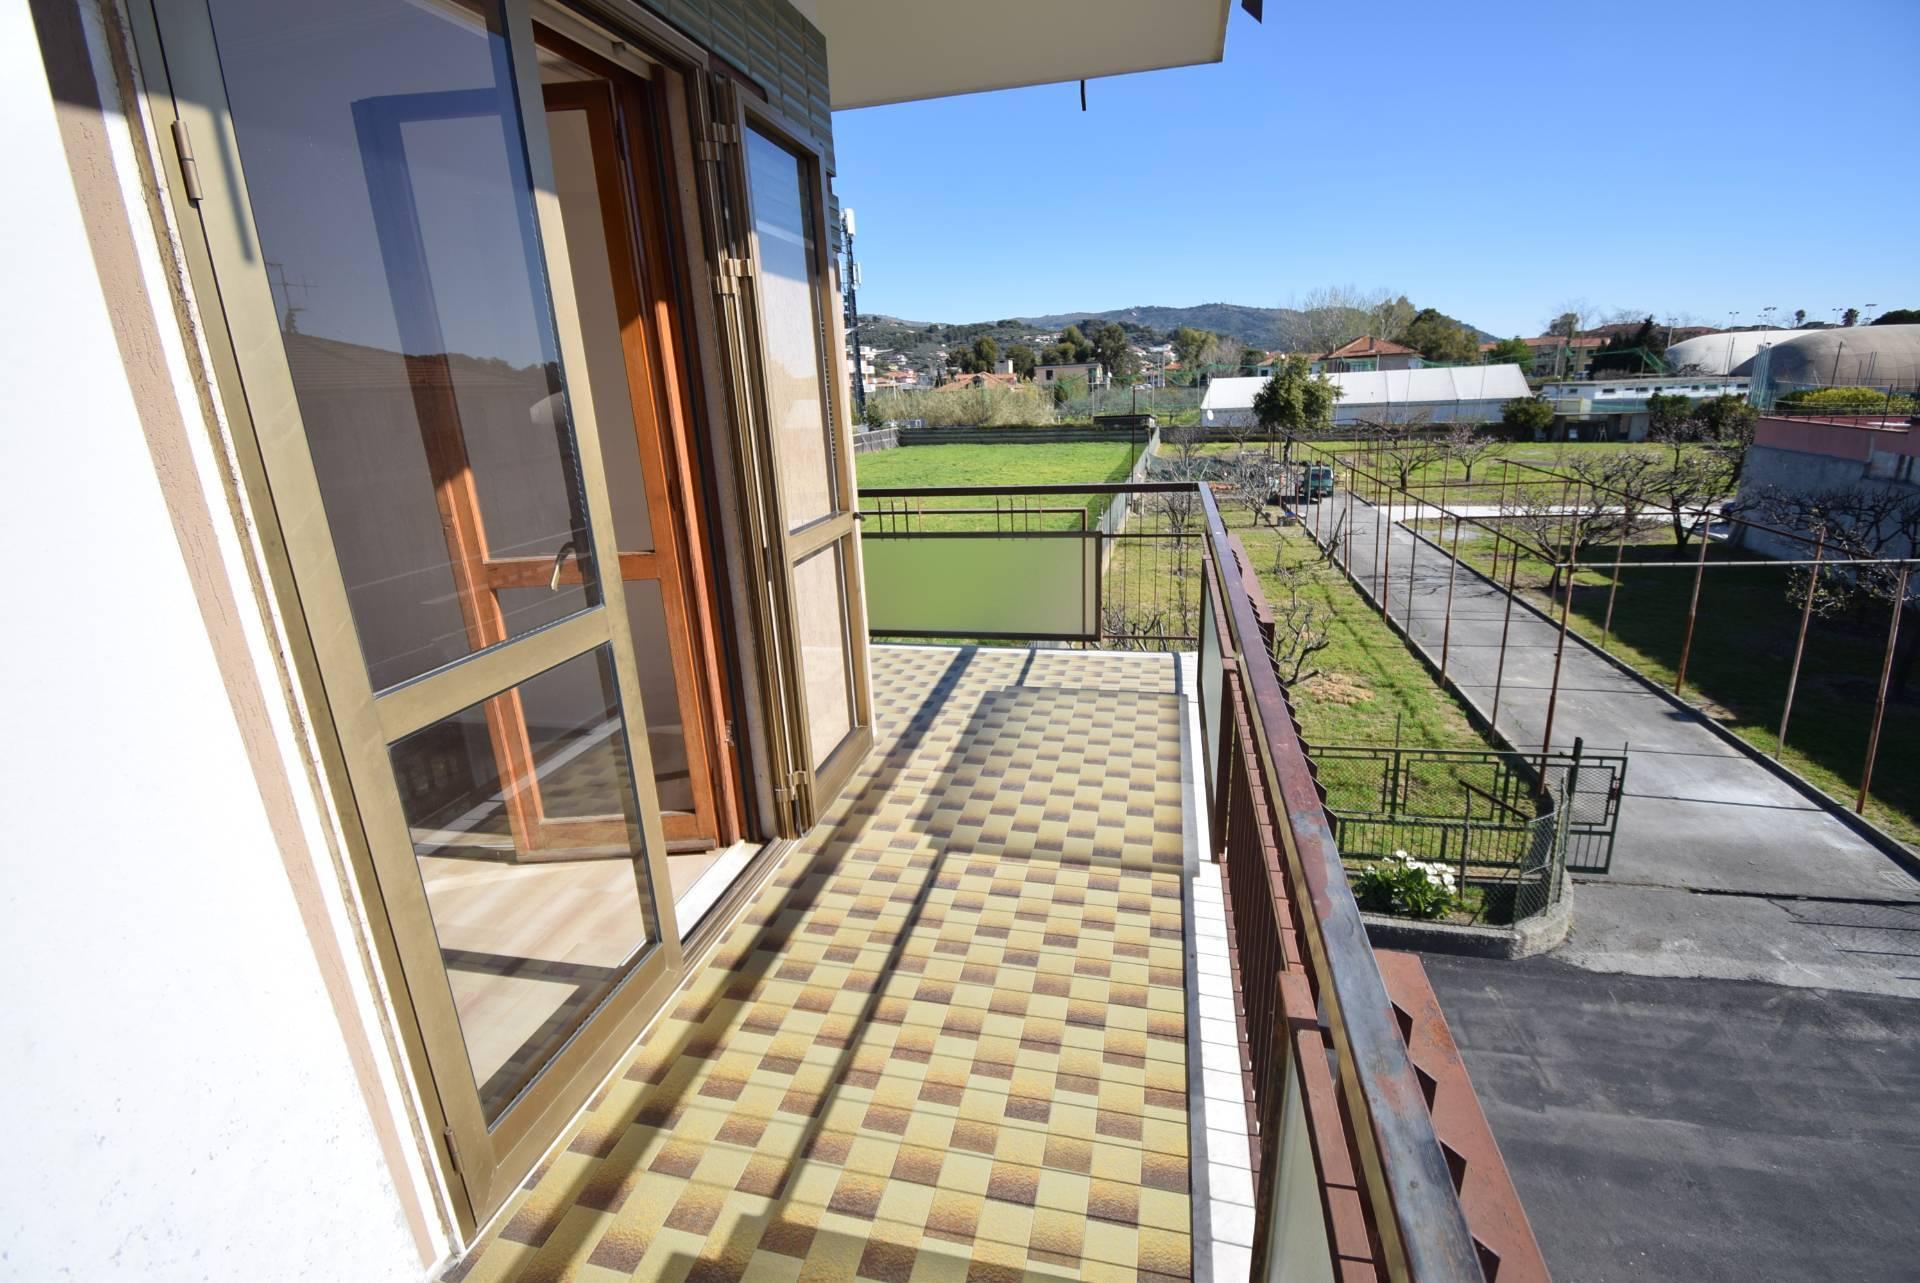 Appartamento in vendita a Diano Marina, 4 locali, prezzo € 278.000 | CambioCasa.it